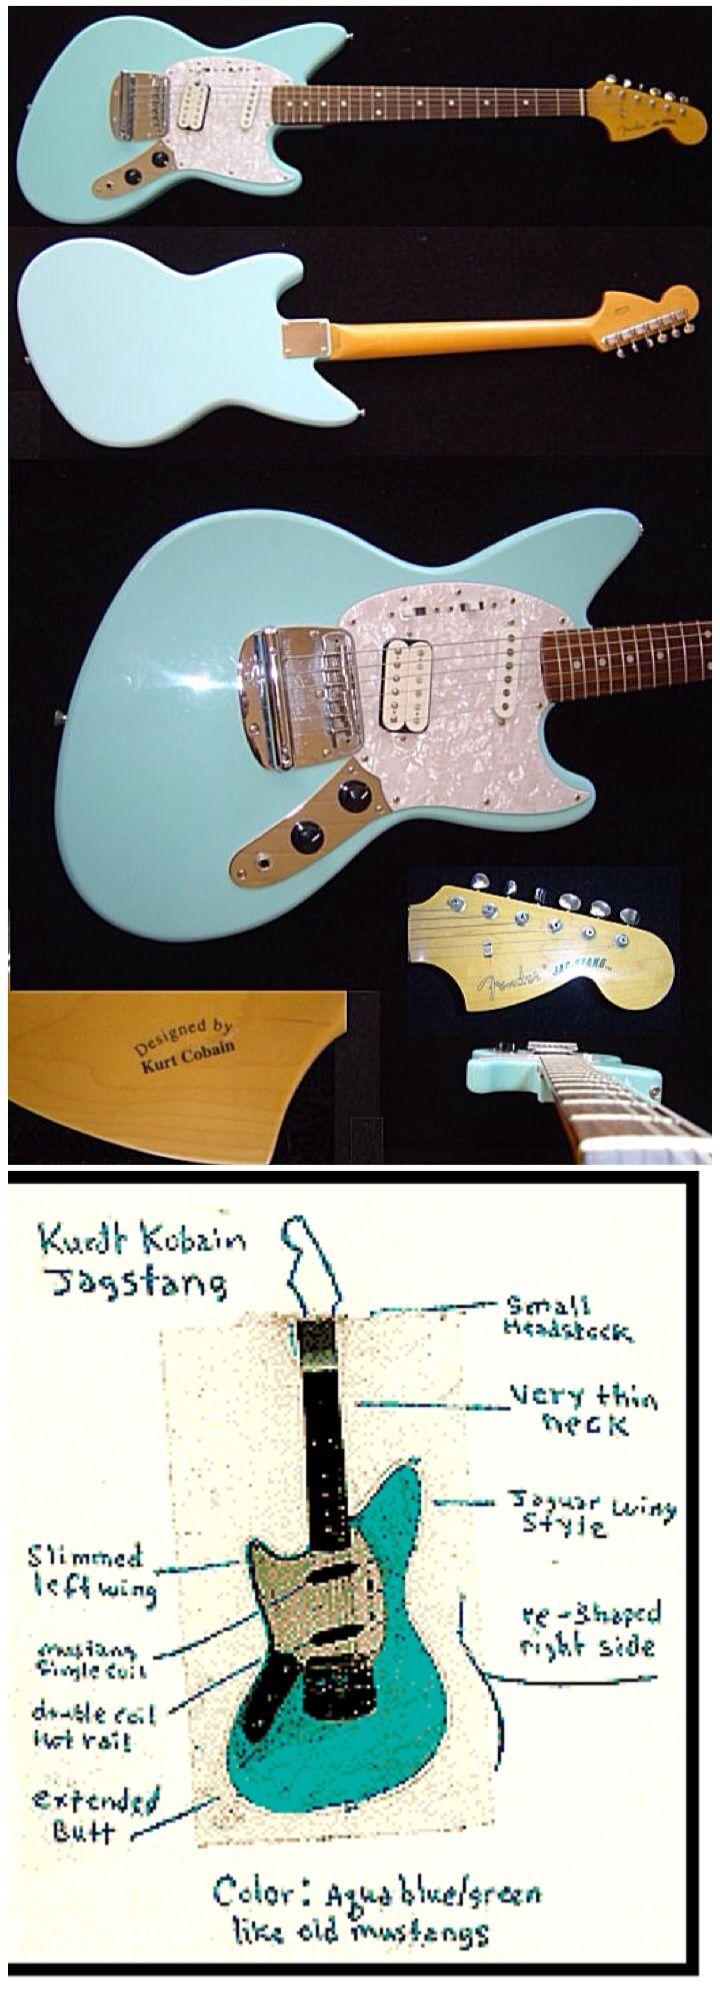 The Jagstang designed by Kurt